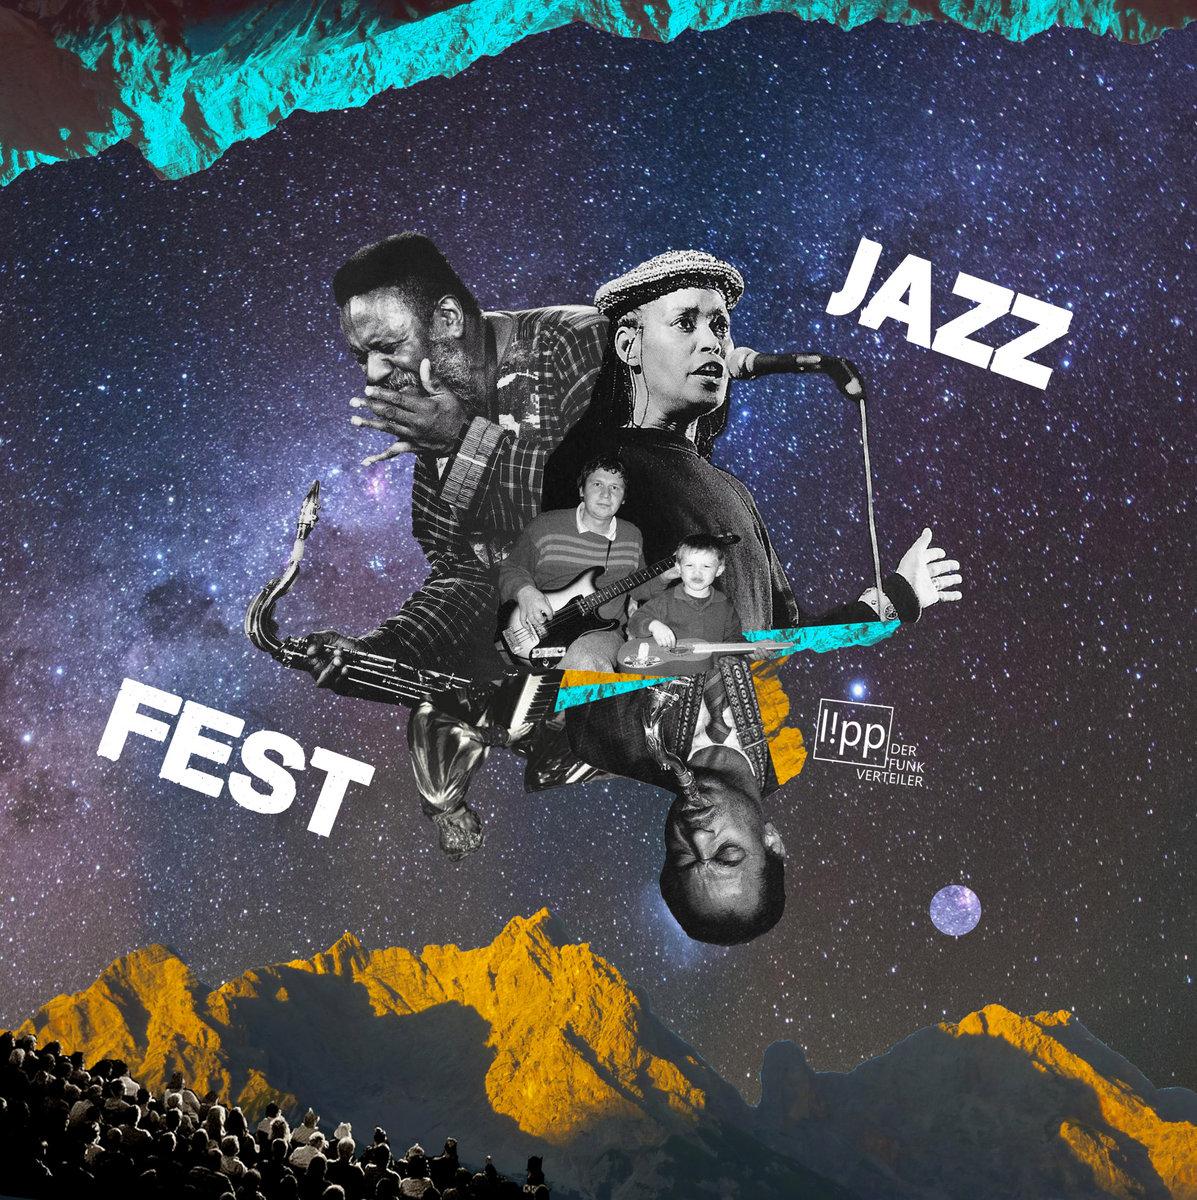 Lipp der Funkverteiler's Hommage to a Life-changing Jazz Fest (Album Stream)